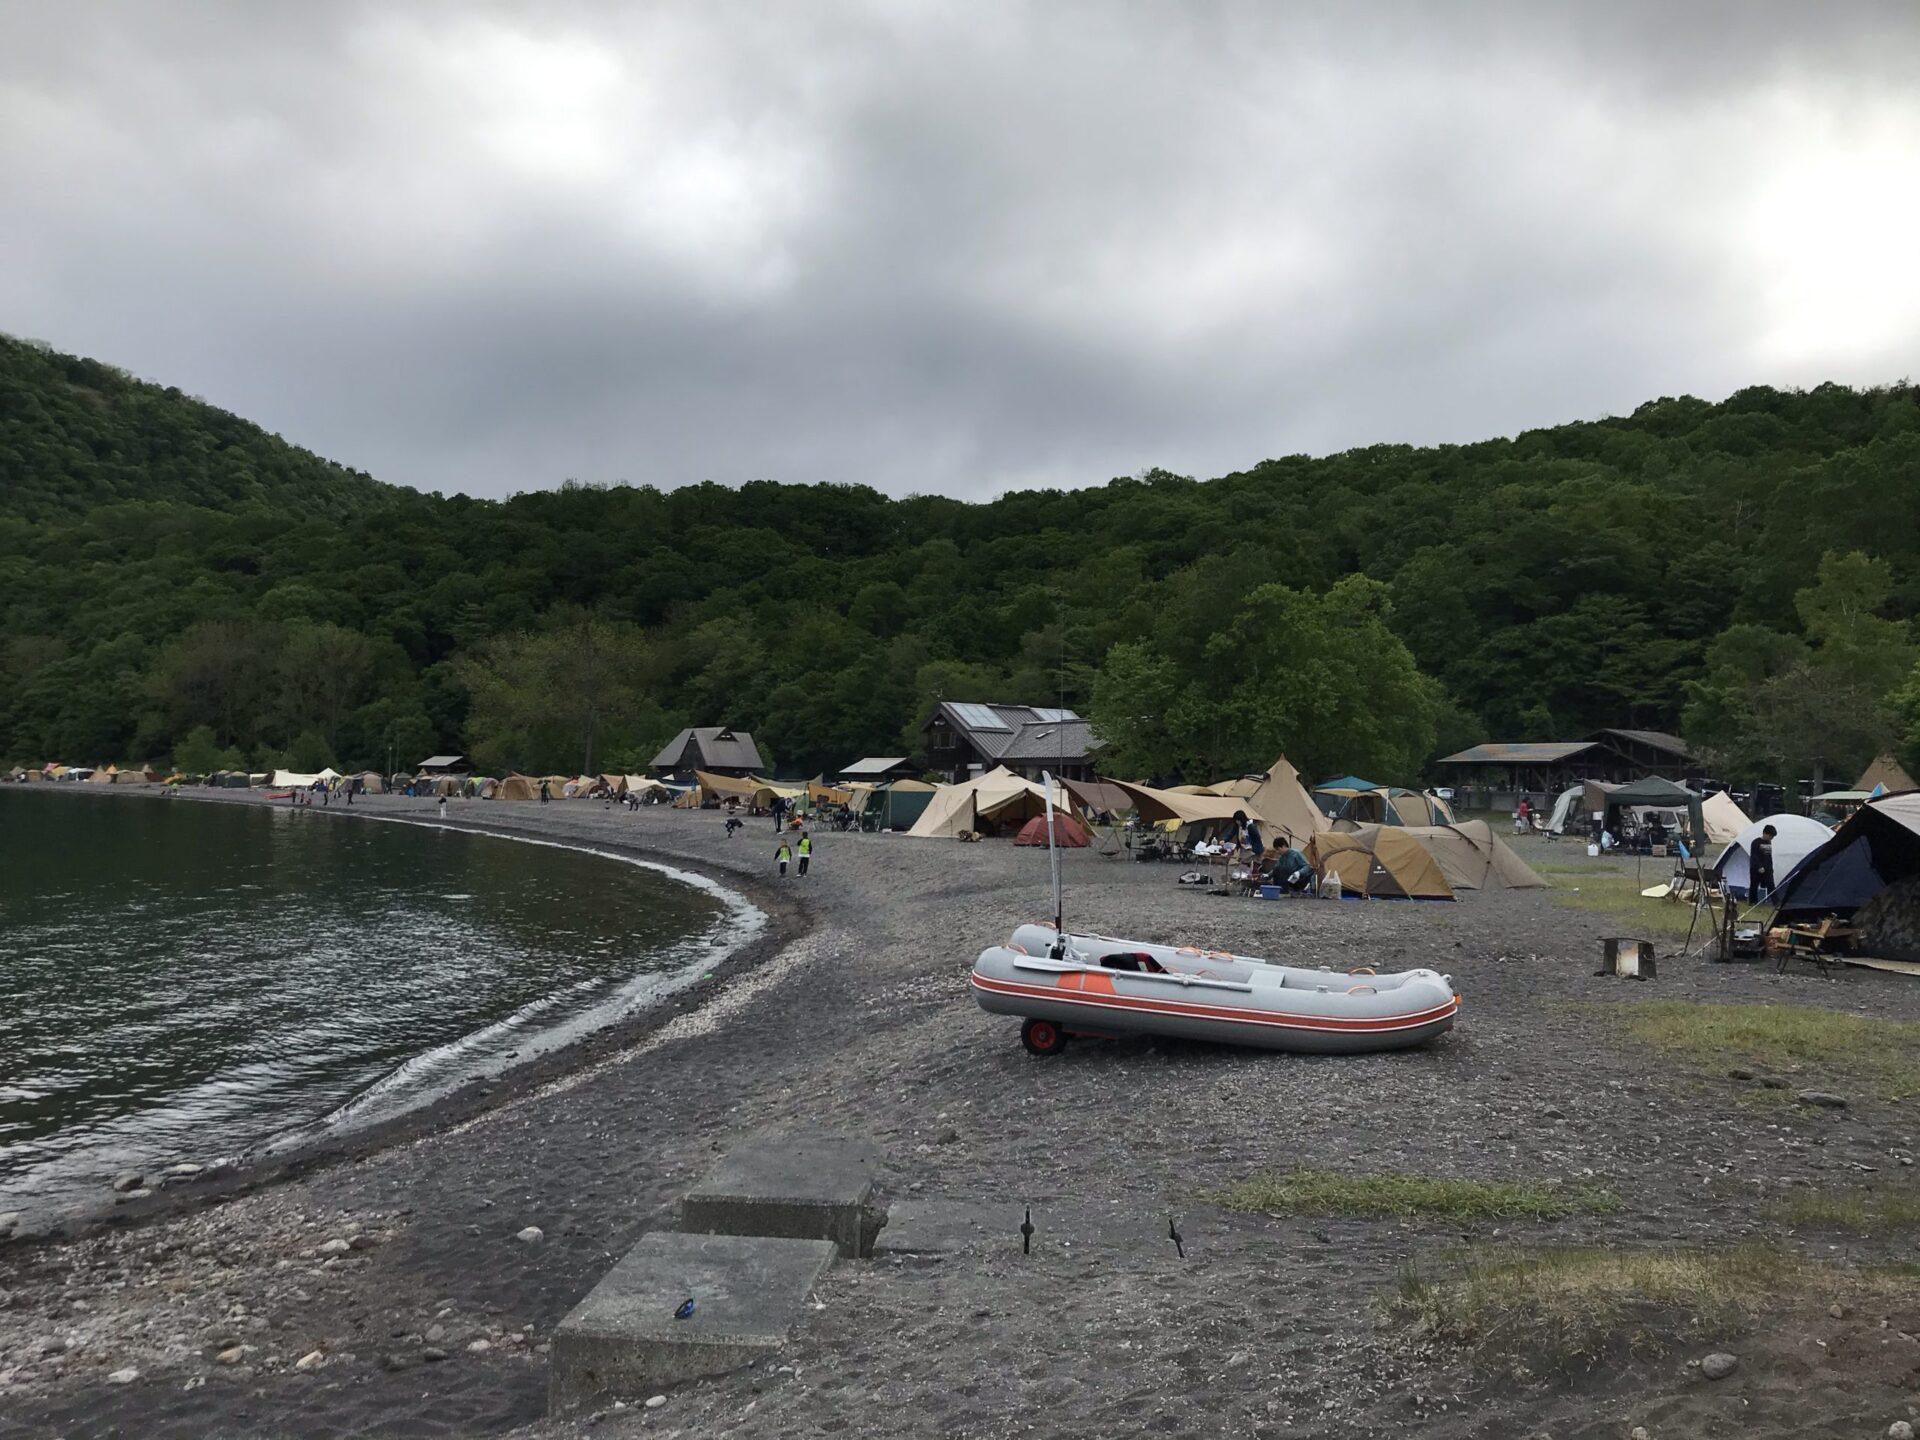 支笏湖モラップキャンプ場は通年混んでいる